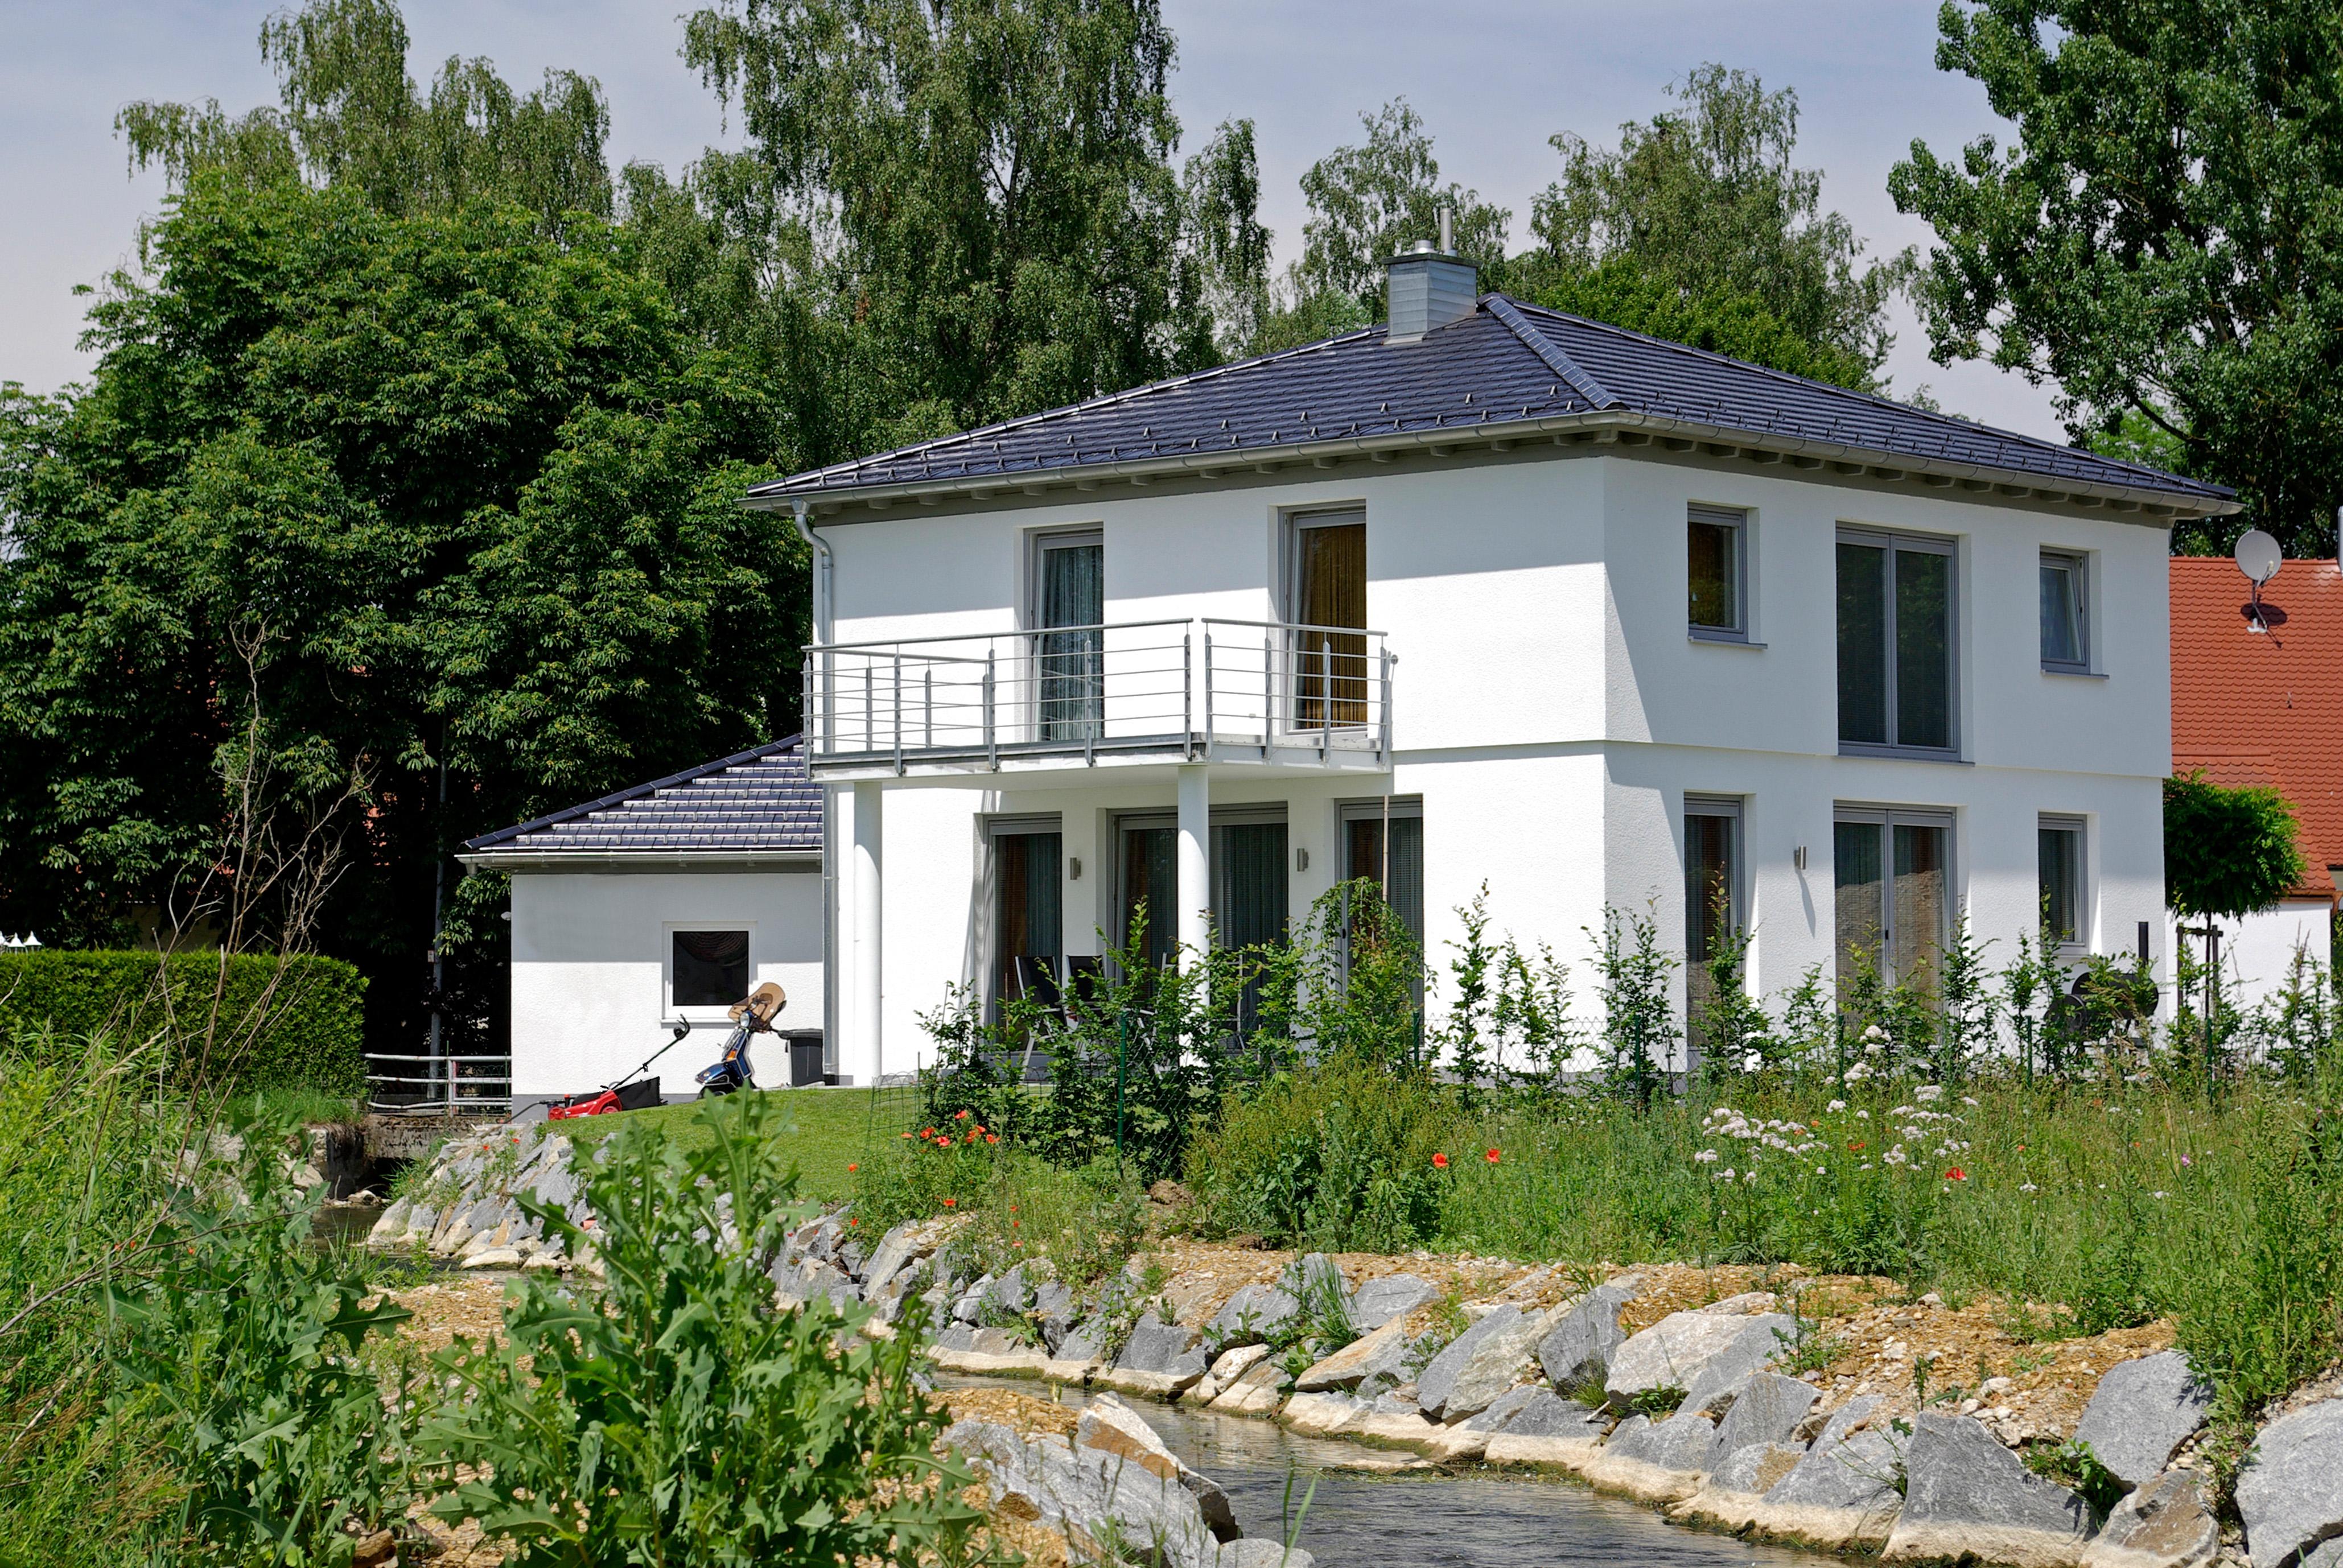 Great Kein Wunder, Denn; Sein Haus U201eStein Auf Steinu201c Zu Bauen Ist Altbewährt Und  Innovativ Zugleich. Aus